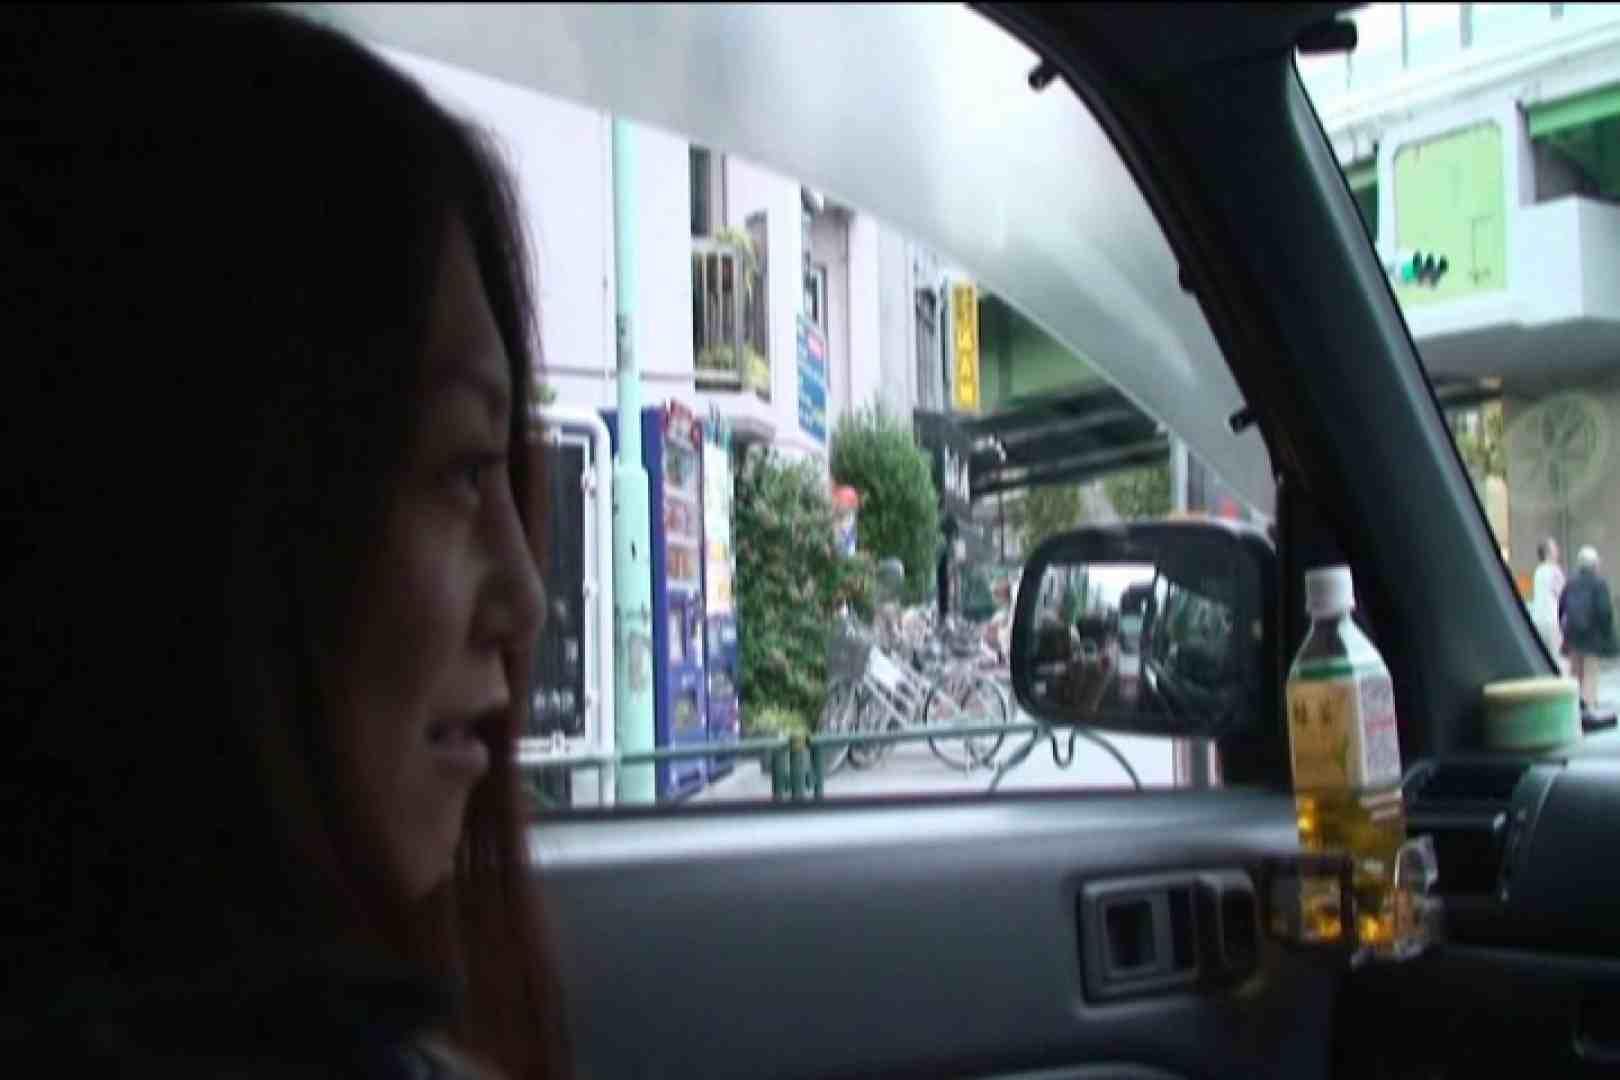 車内で初めまして! vol04 オマンコ特別編 アダルト動画キャプチャ 60枚 31